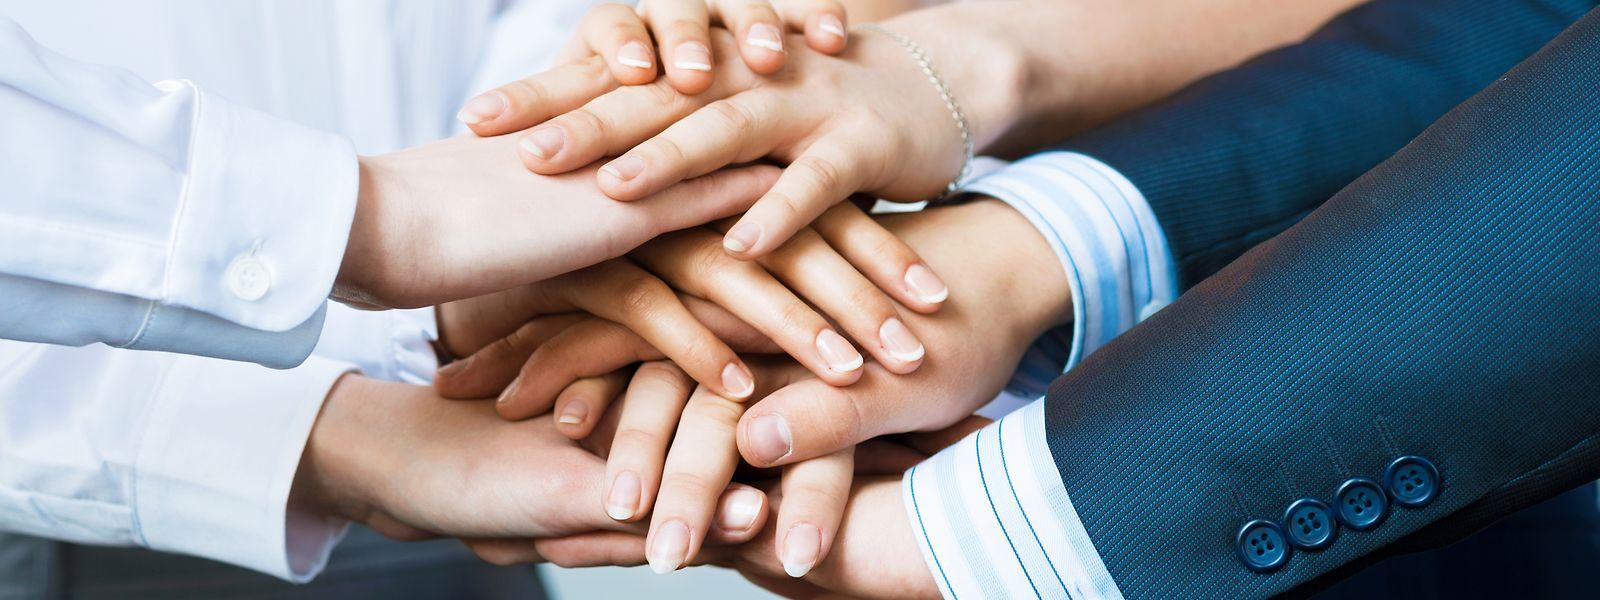 Auch die Kollegen am Arbeitsplatz können für Krebspatienten eine wichtige Stütze sein.